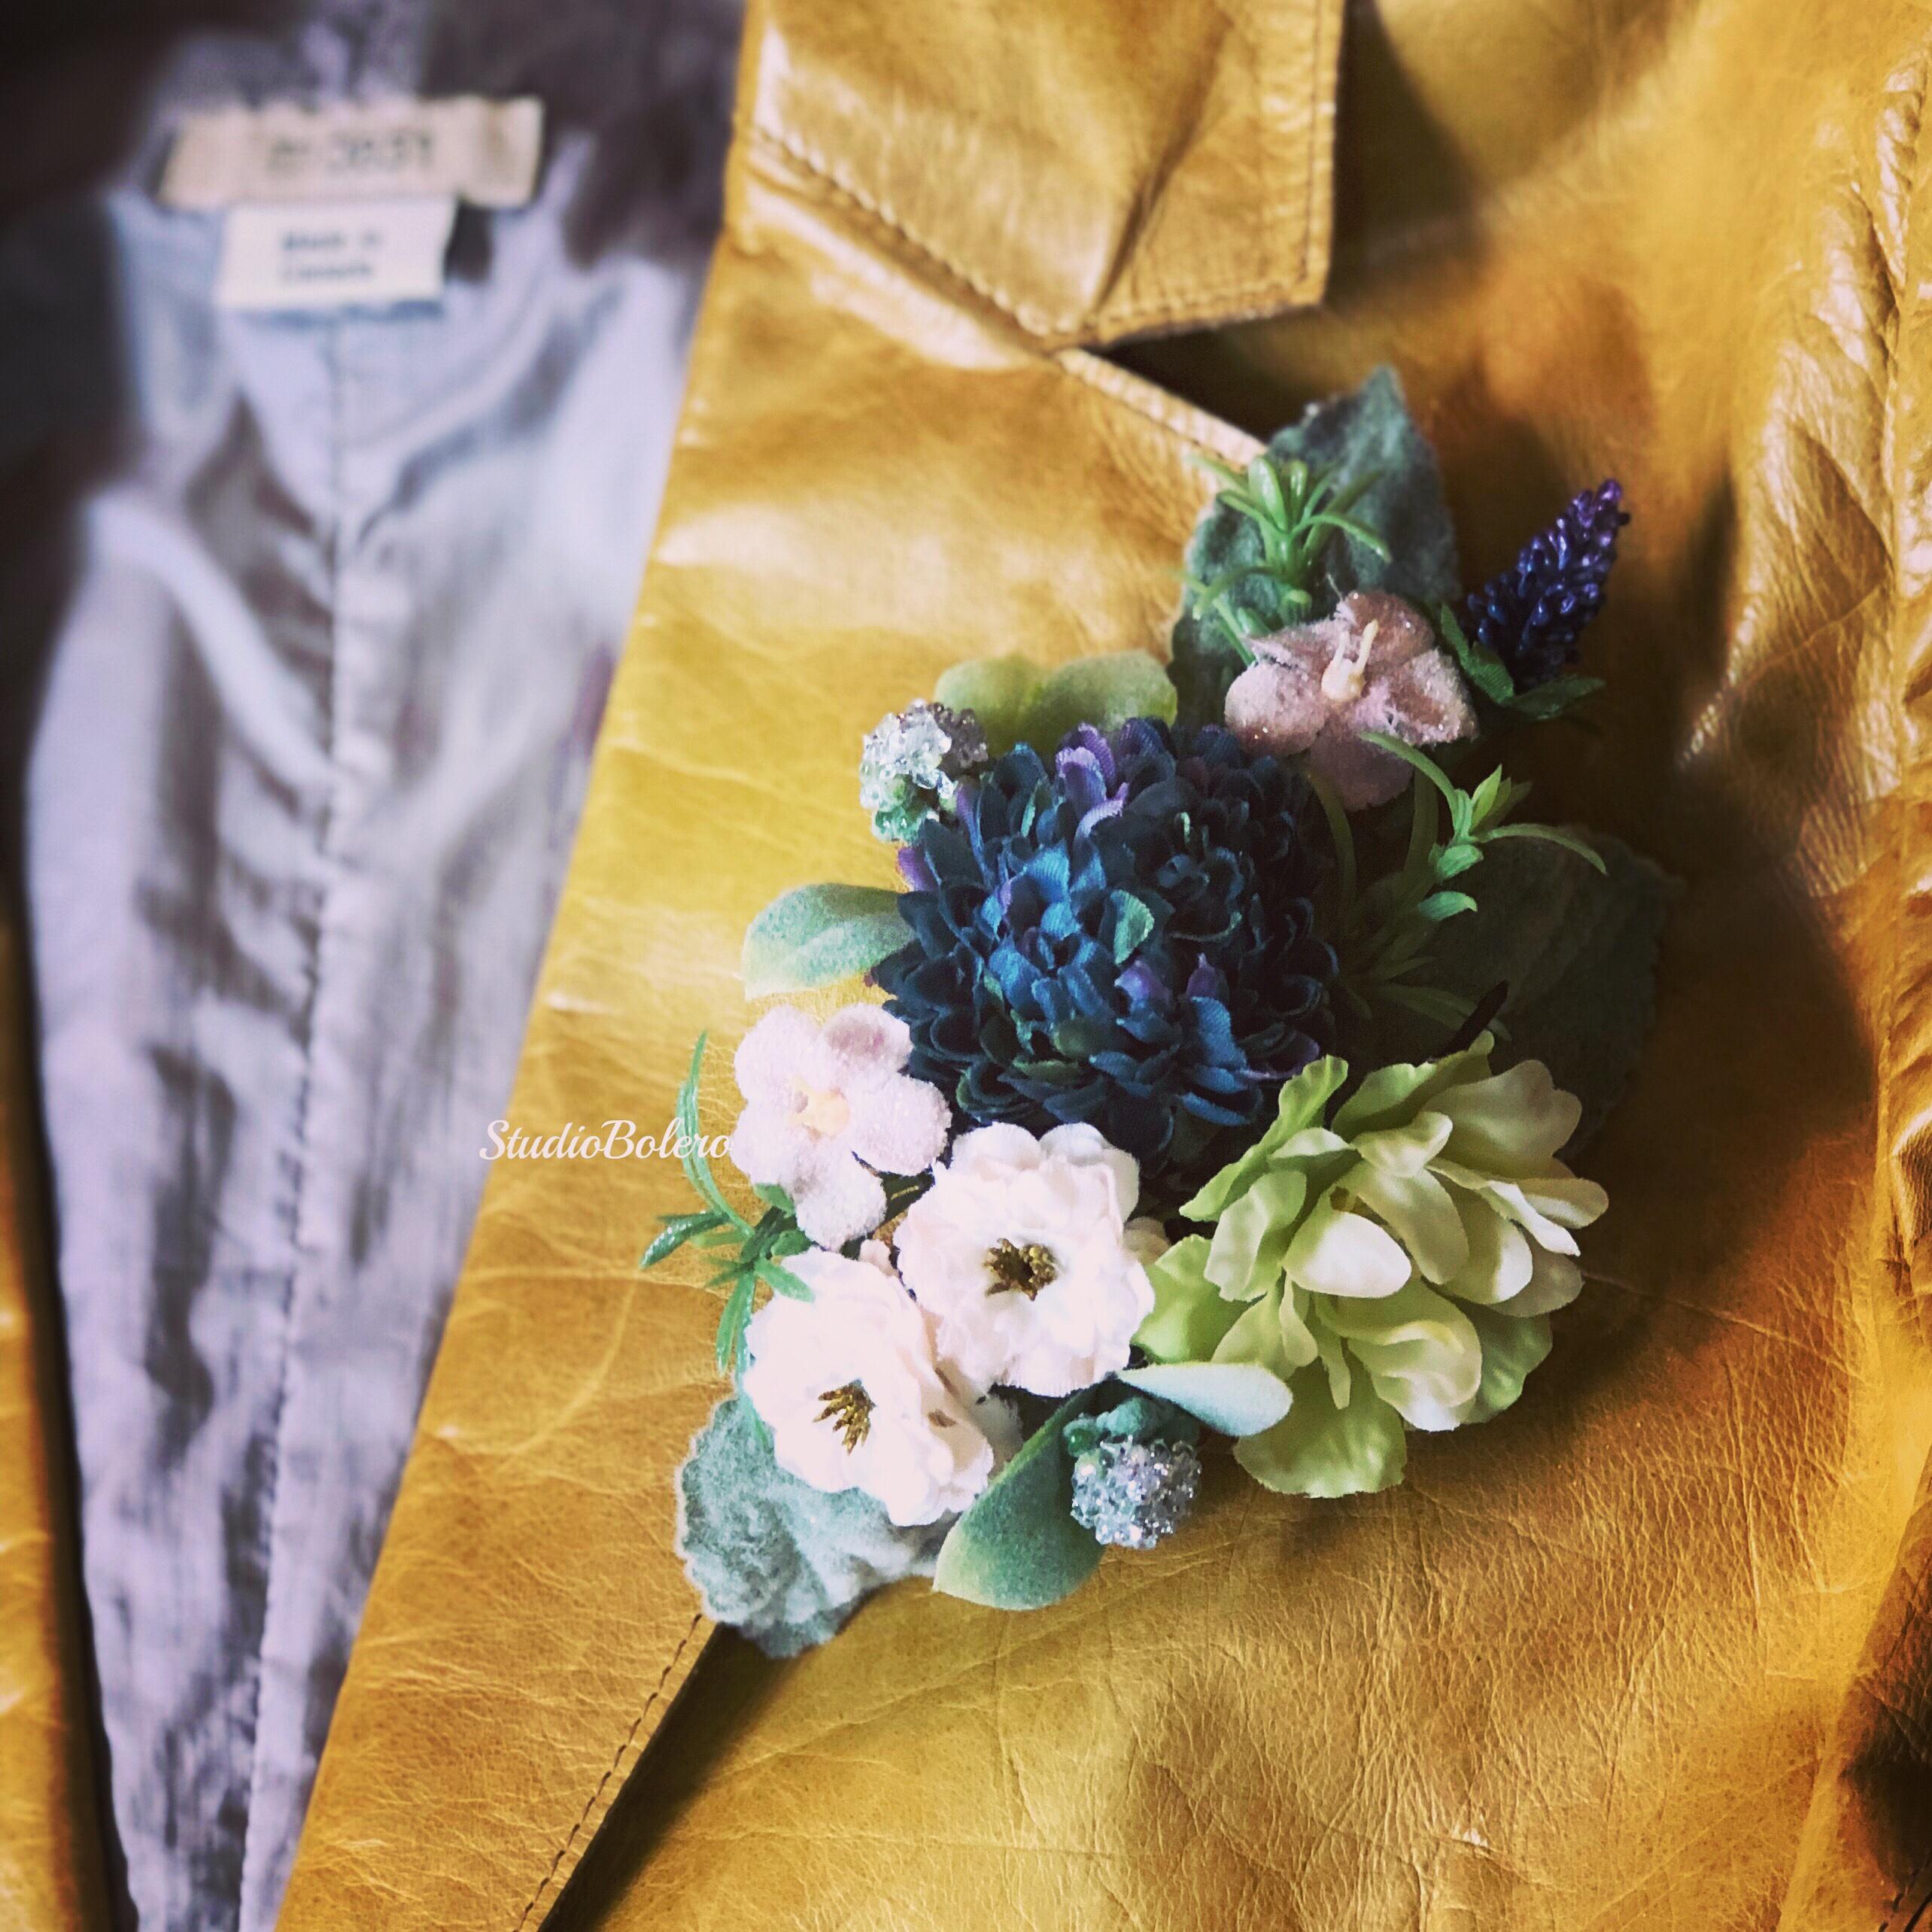 #早朝からコサージュ作ってます #ベルベット#mokuba #コサージュ #flowershop #lesson #アーティフィシャルフラワー #花屋#スタジオボレロ #花のある暮らし #花好きな人と繋がりたい #フラワーアレンジメント #ボタニカル #オーダーメイド#素材